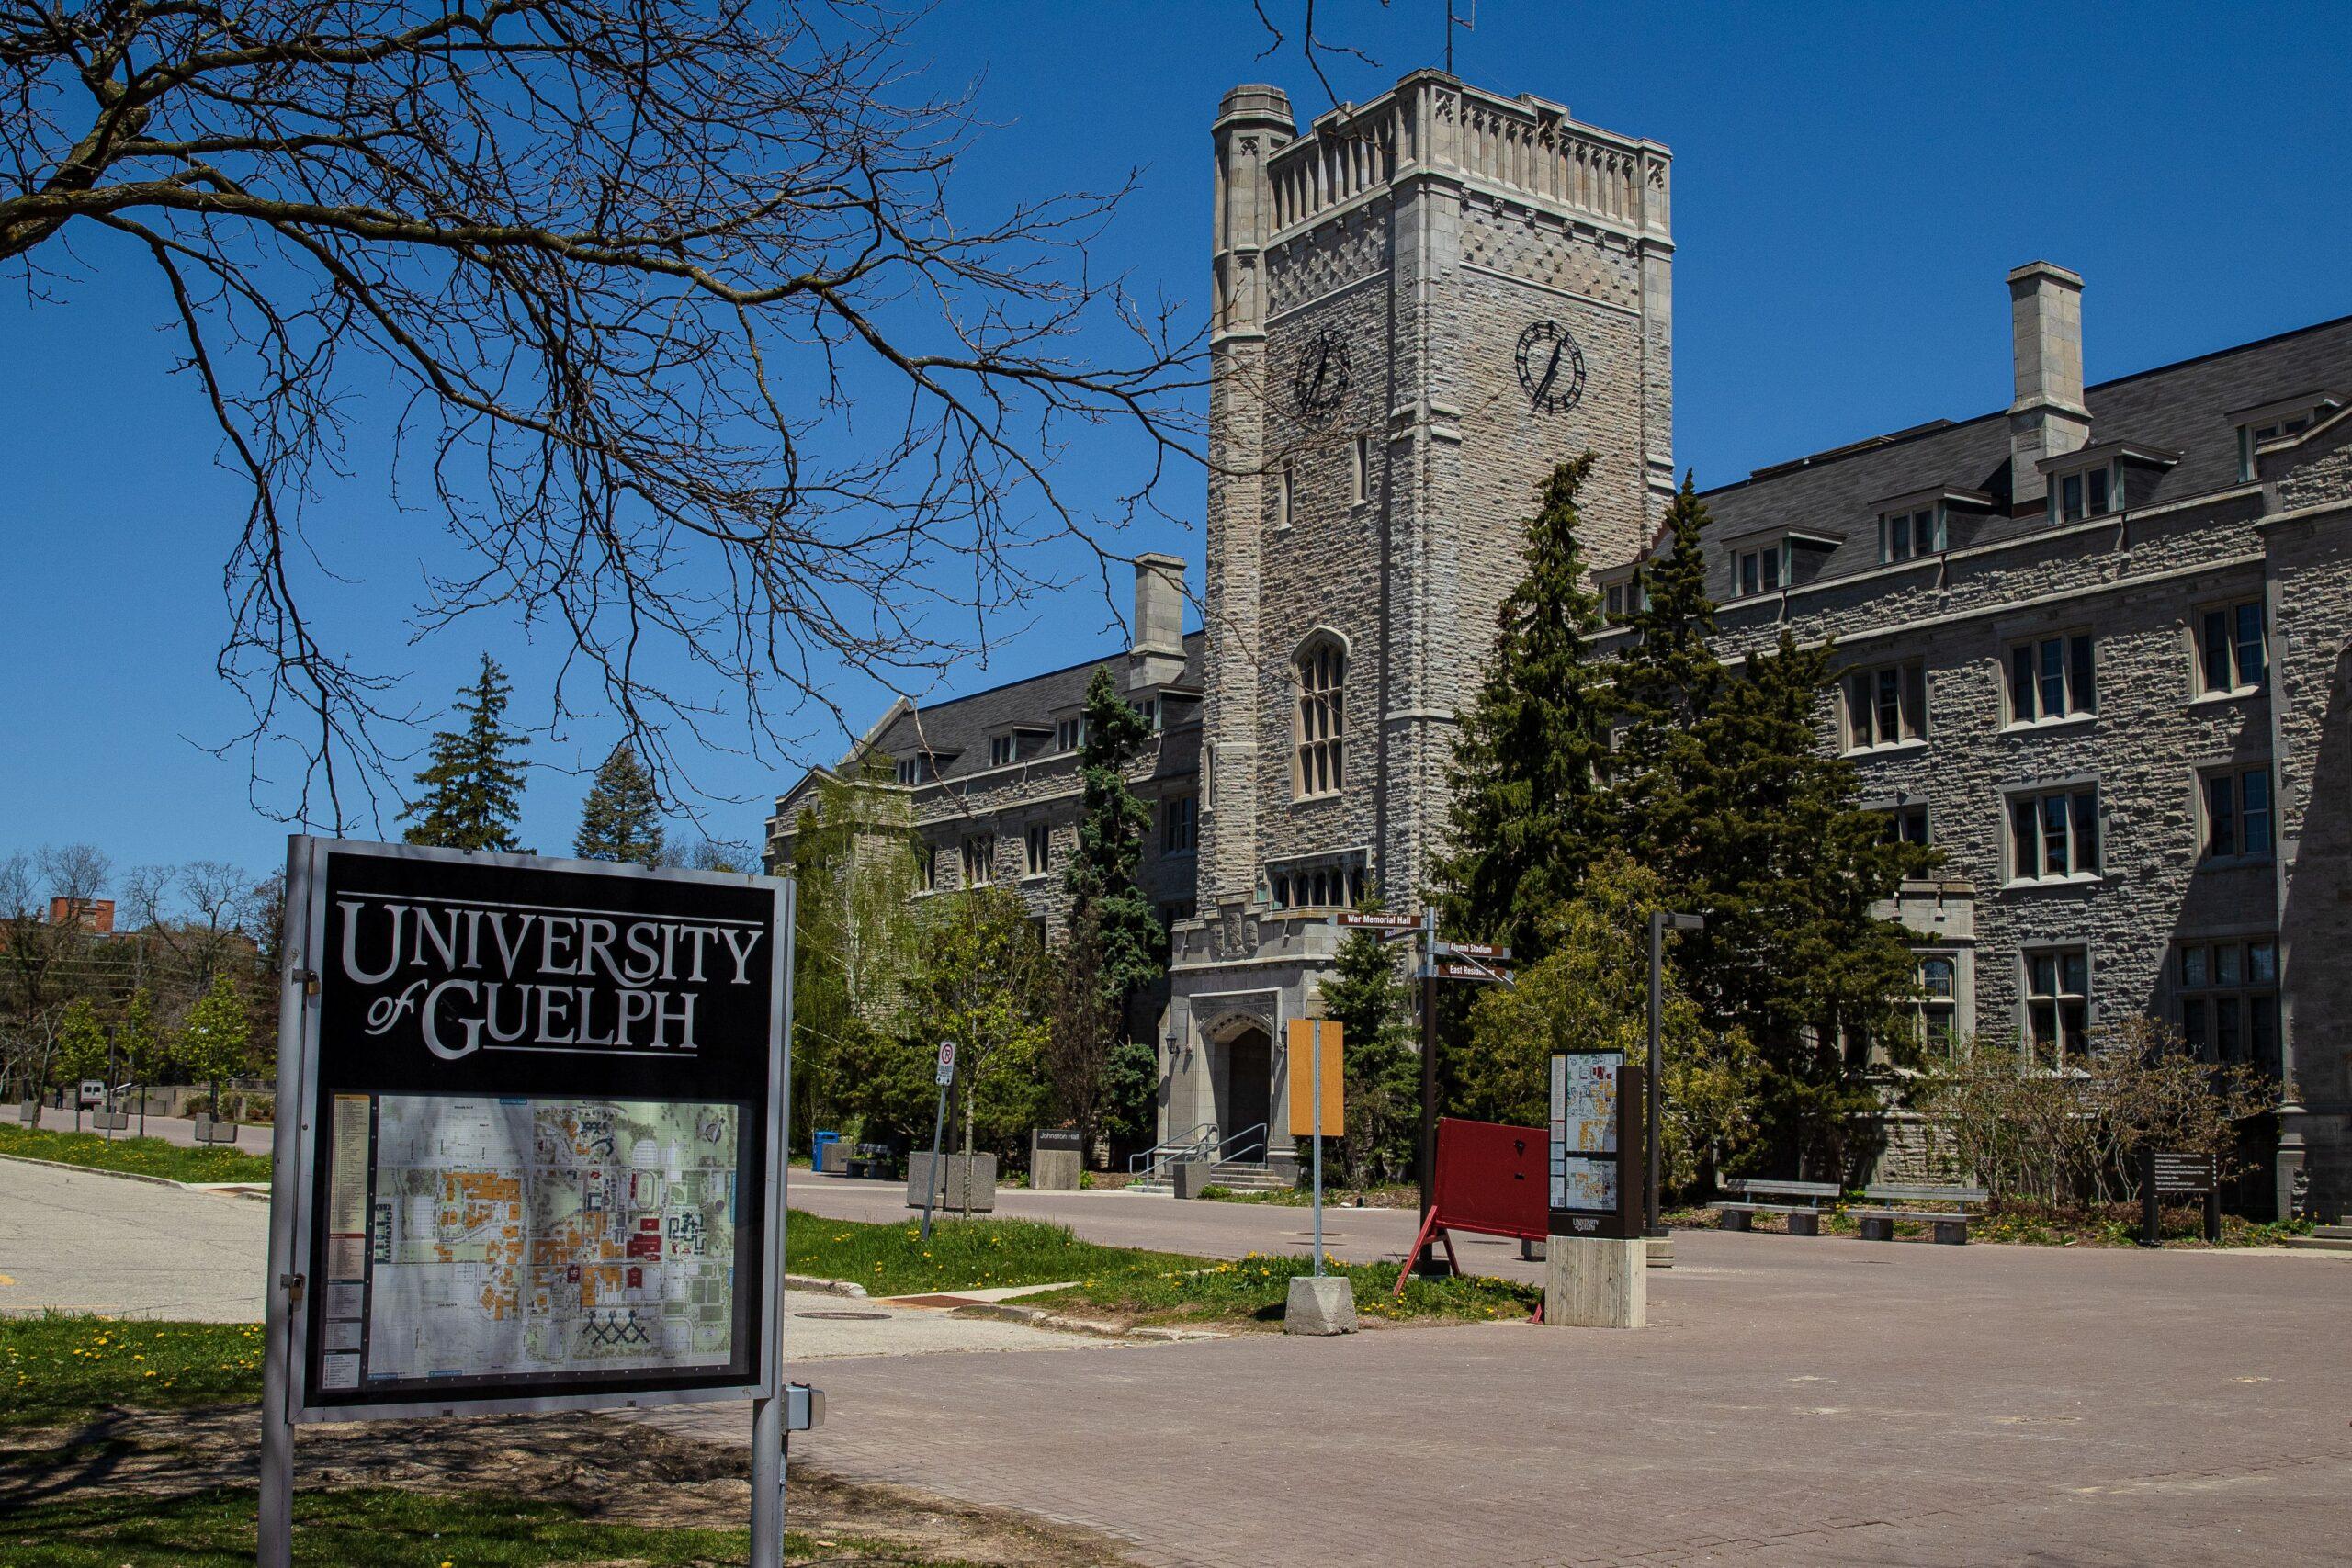 زيادة الرسوم الجامعية فى ظل كوفيد 19 بالرغم من التوجه الى الدراسة من خلال الإنترنت